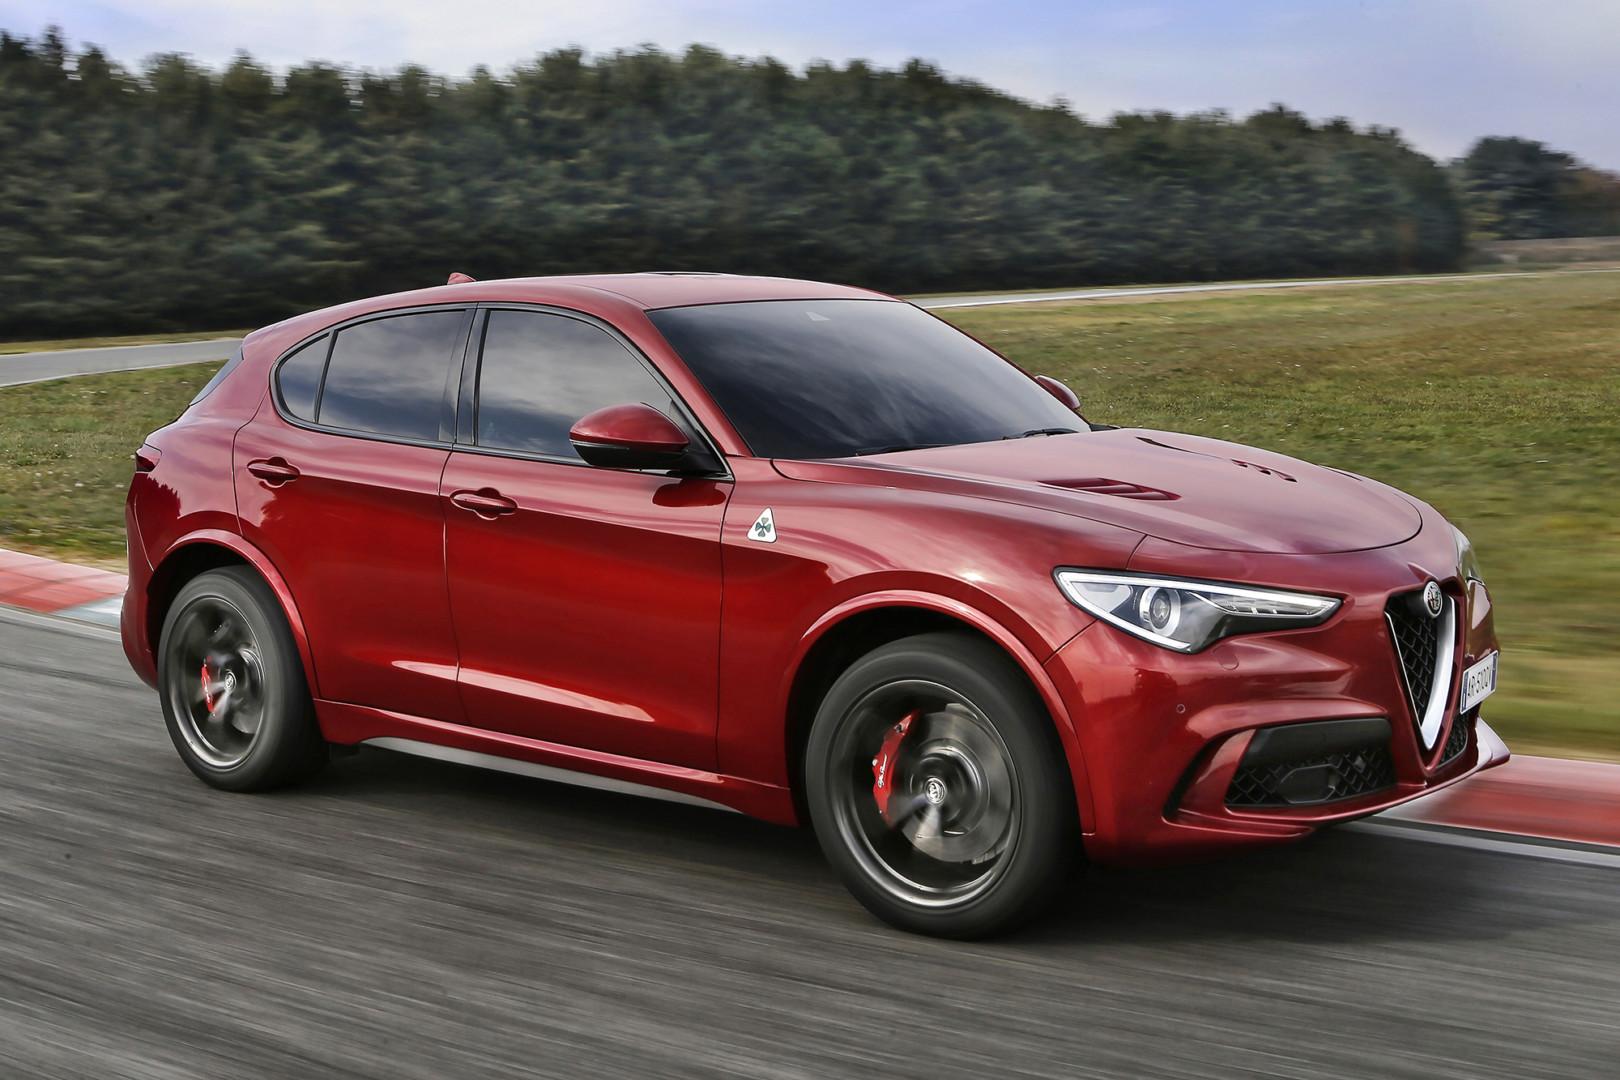 Alfa Romeo ya perfila el gran SUV: siete asientos, híbrido y 400 caballos